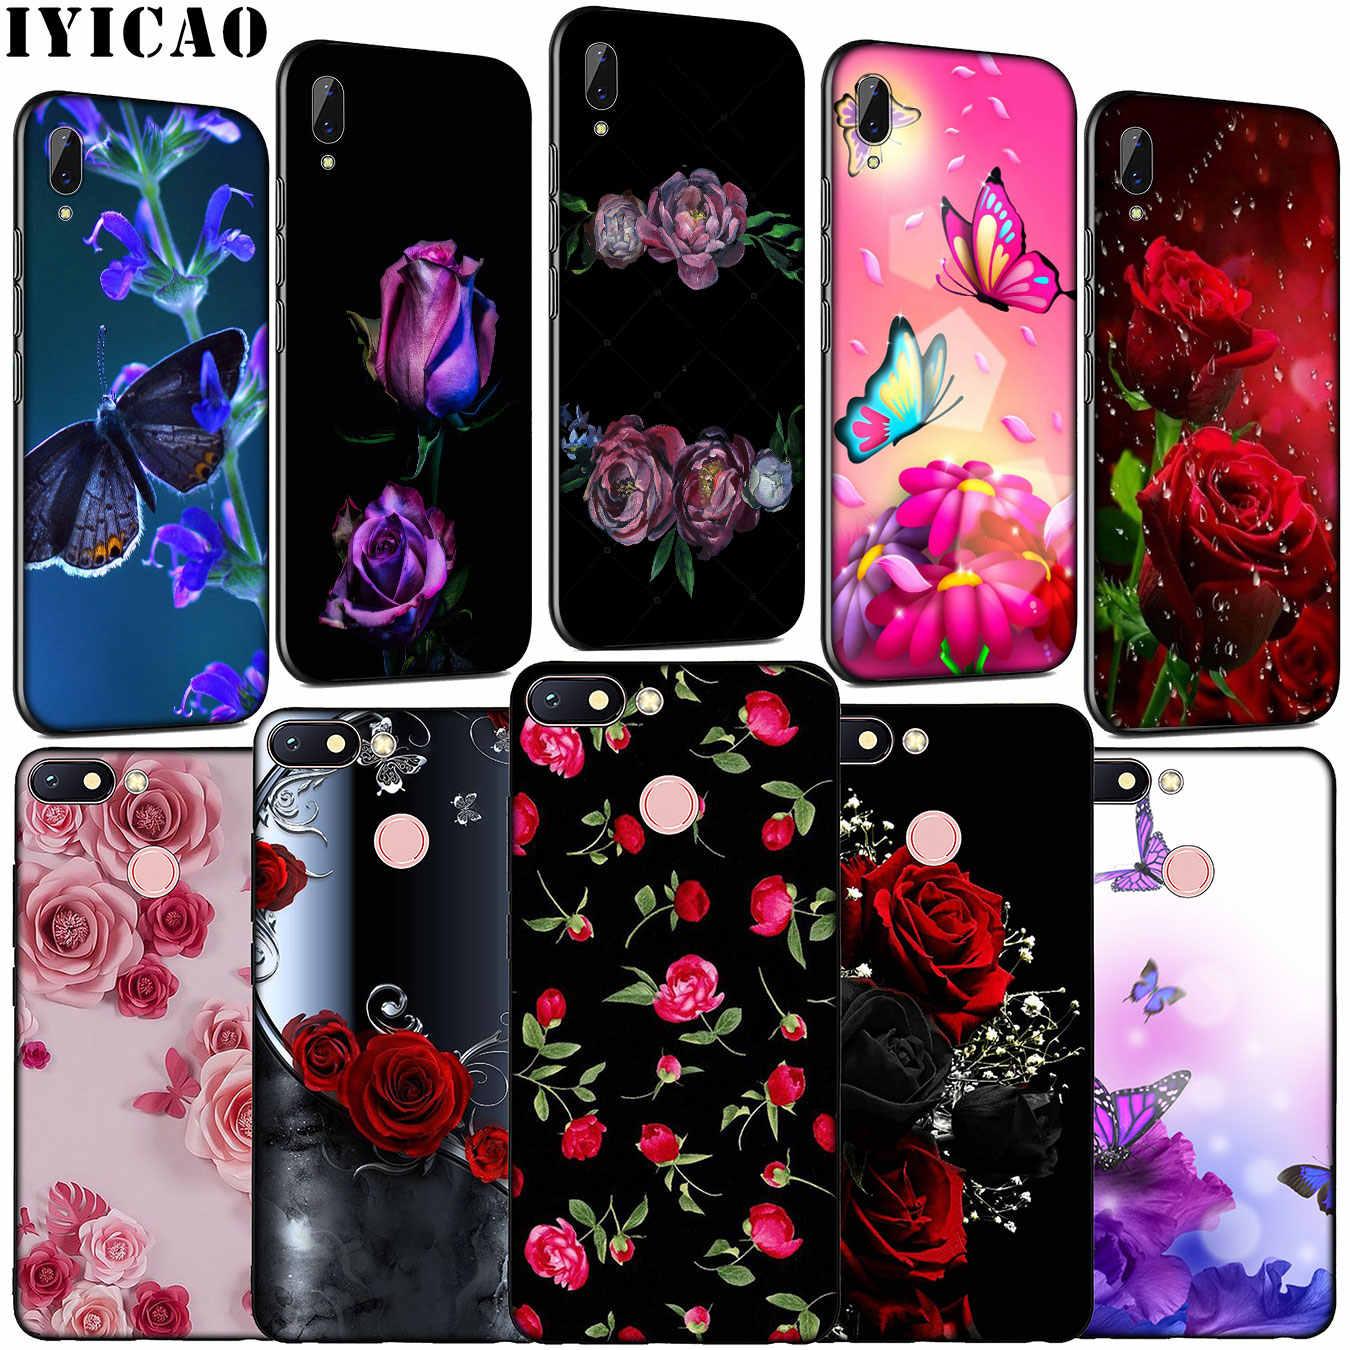 Flor roja Rosa colorido de silicona suave funda de teléfono para Xiaomi Redmi Note 8 8T 8A 7 7A 6 6A 5 5A K30 K20 Pro ir S2 cubierta